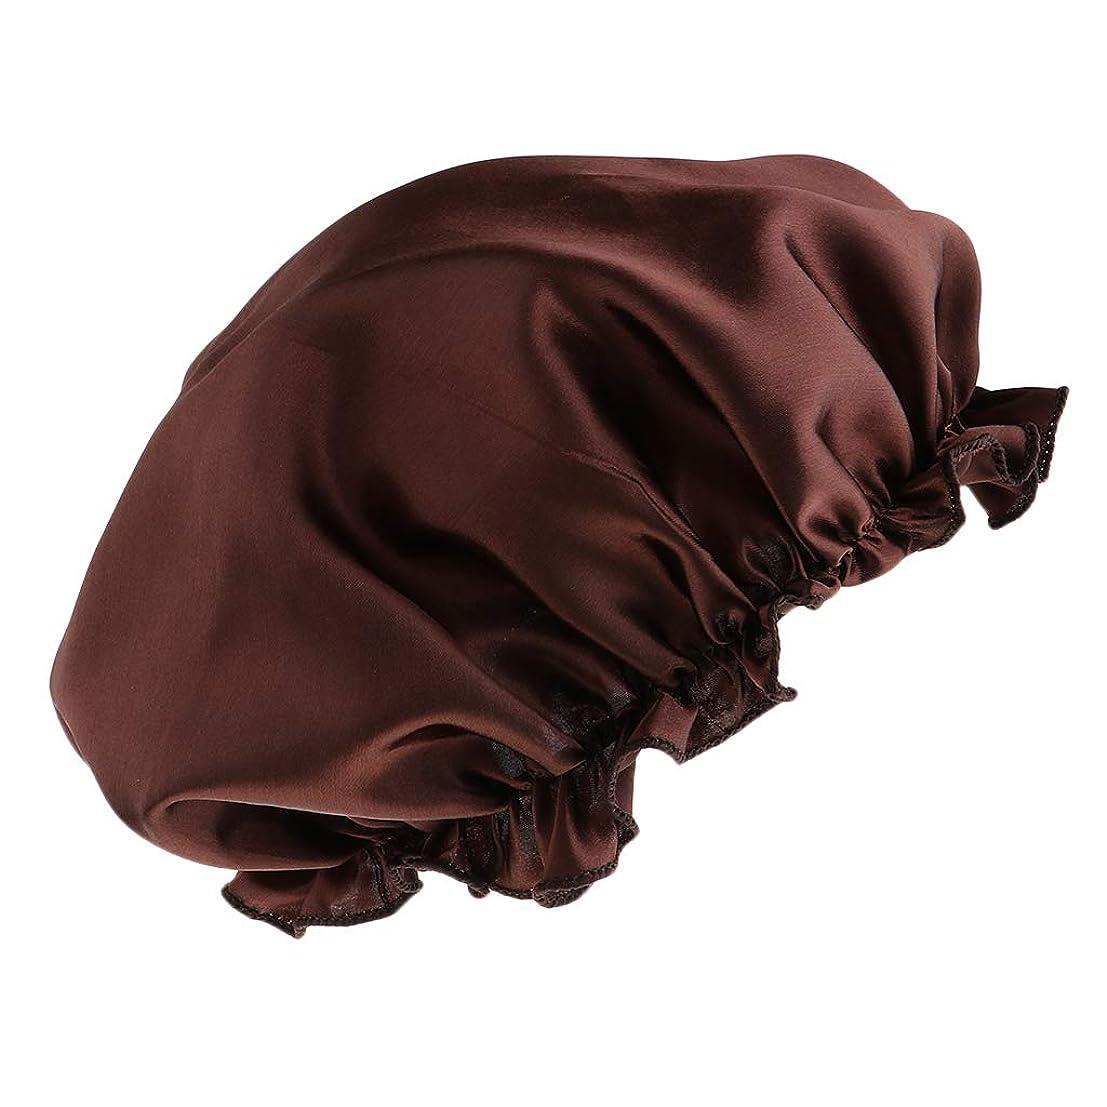 起こりやすいシンプルな規定シャワーキャップ シルクサテン 美容 キャップ 浴用帽子 ヘッドカバー 眠り帽子 全8色 - コーヒー